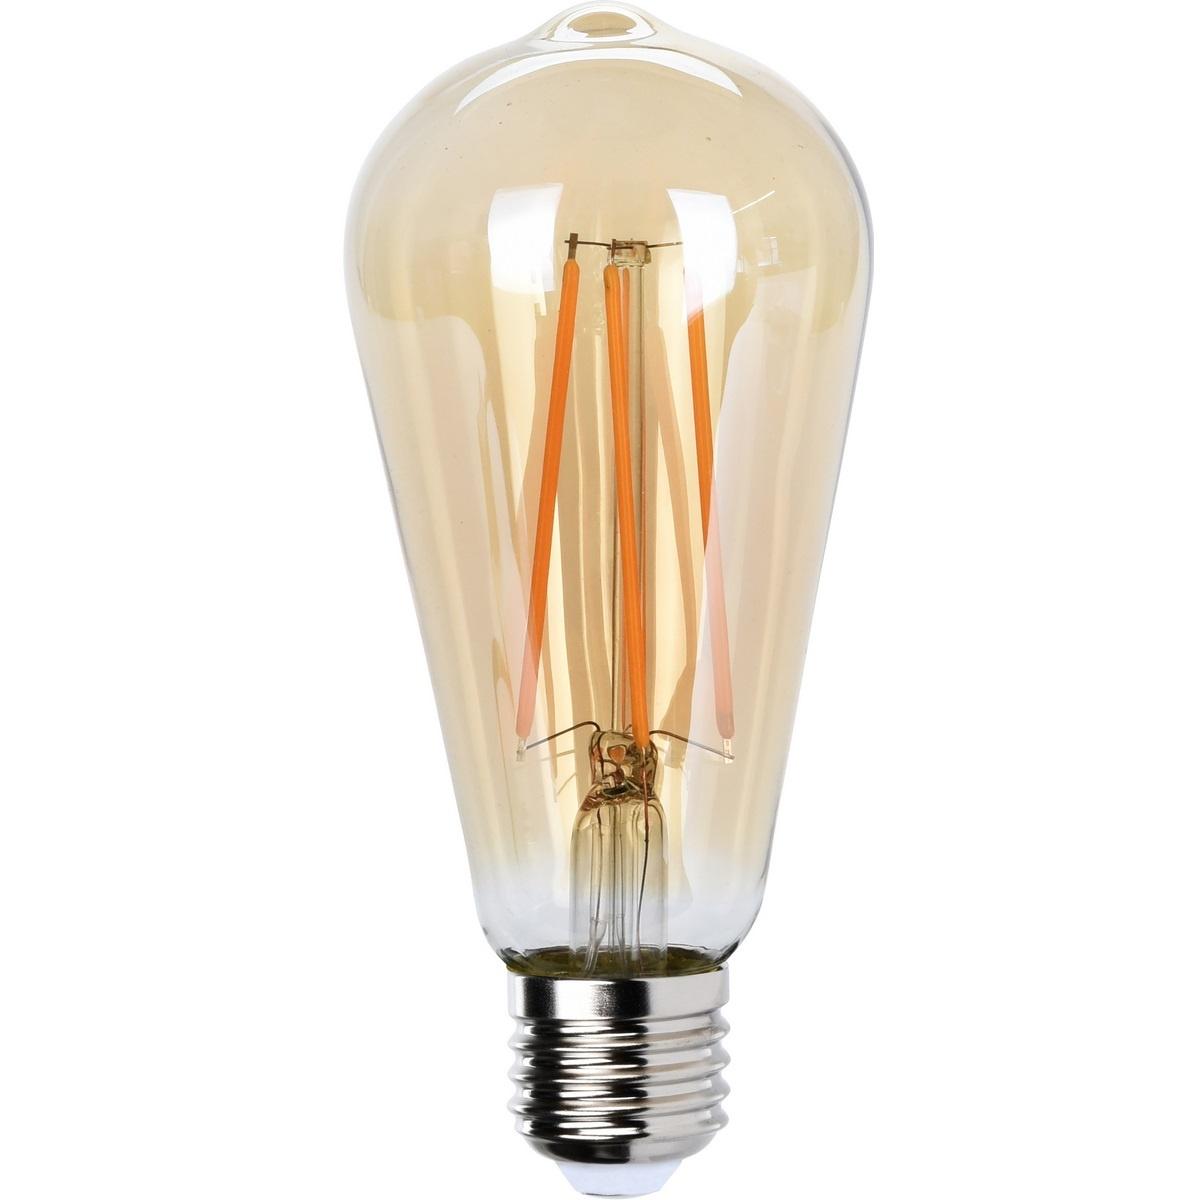 Koopman LED Žárovka s uhlíkovým vláknem E27, 14 cm